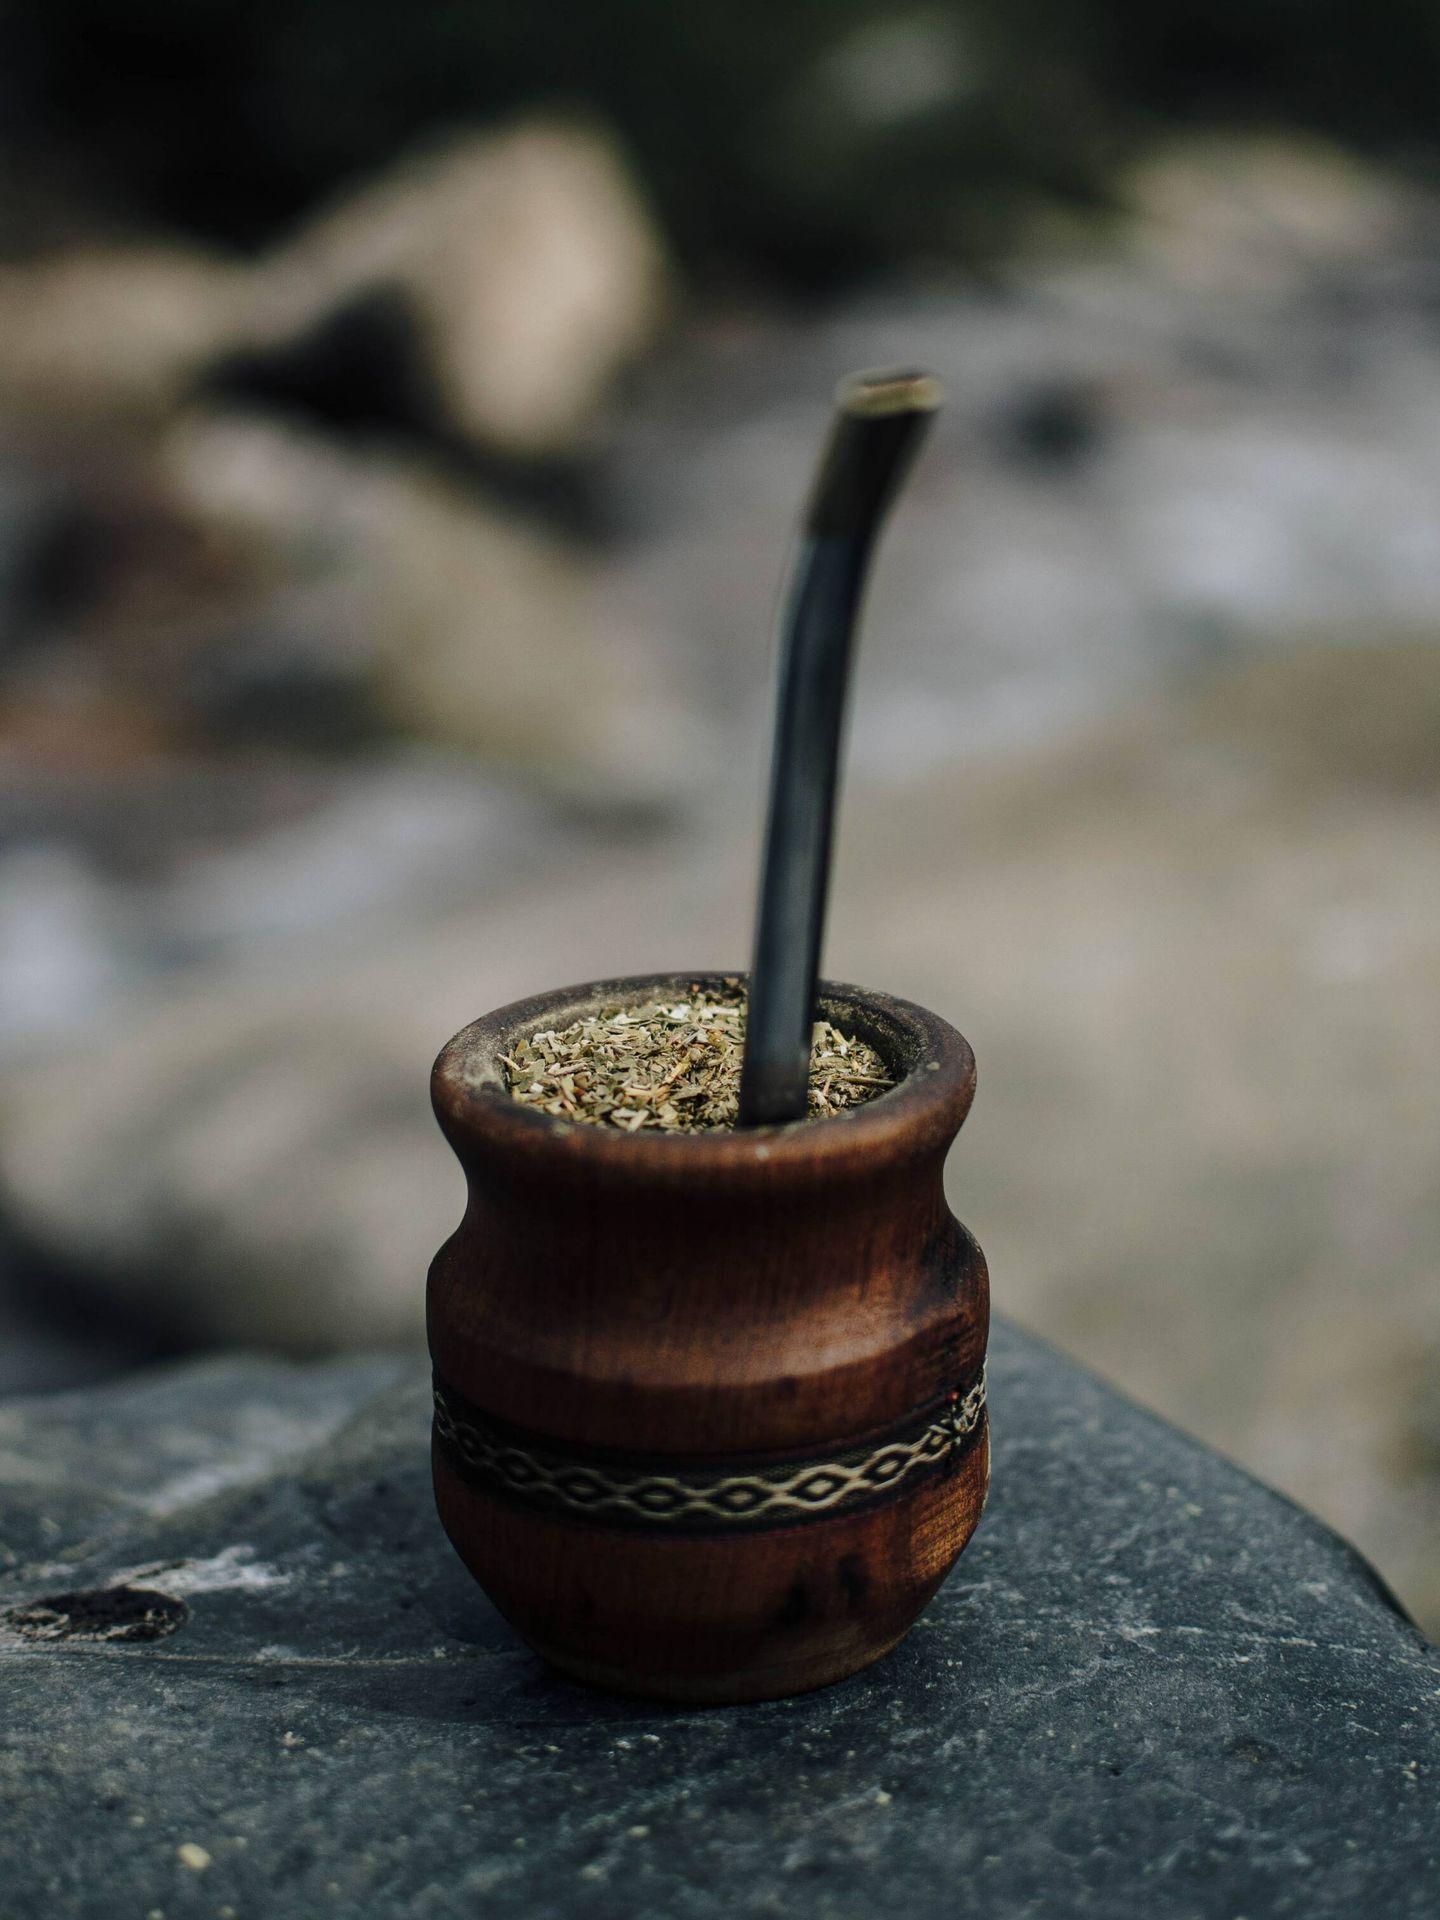 Bebidas saludables y antioxidantes para sustituir al café. (Lautaro Andreani para Unsplash)